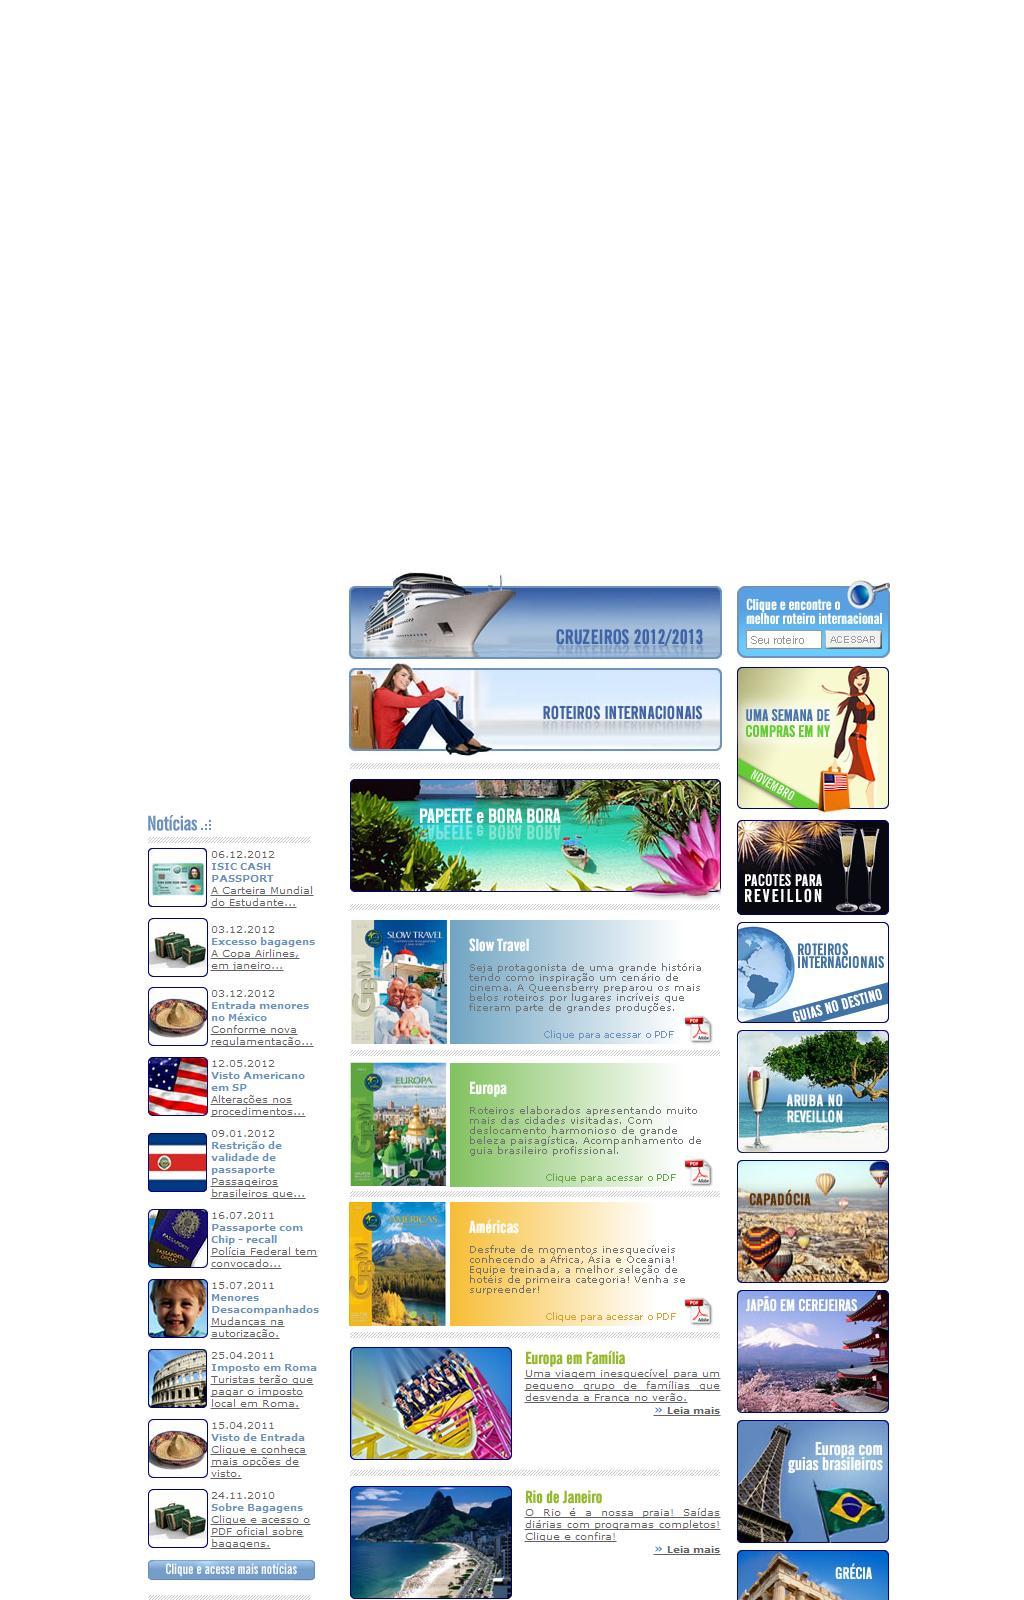 Lear Travel - Viajar é preciso, deixe por nossa conta! - Viagens nacionais e internacionais, pacotes turísticos, feriados, férias, cruzeiros, ski, spa...